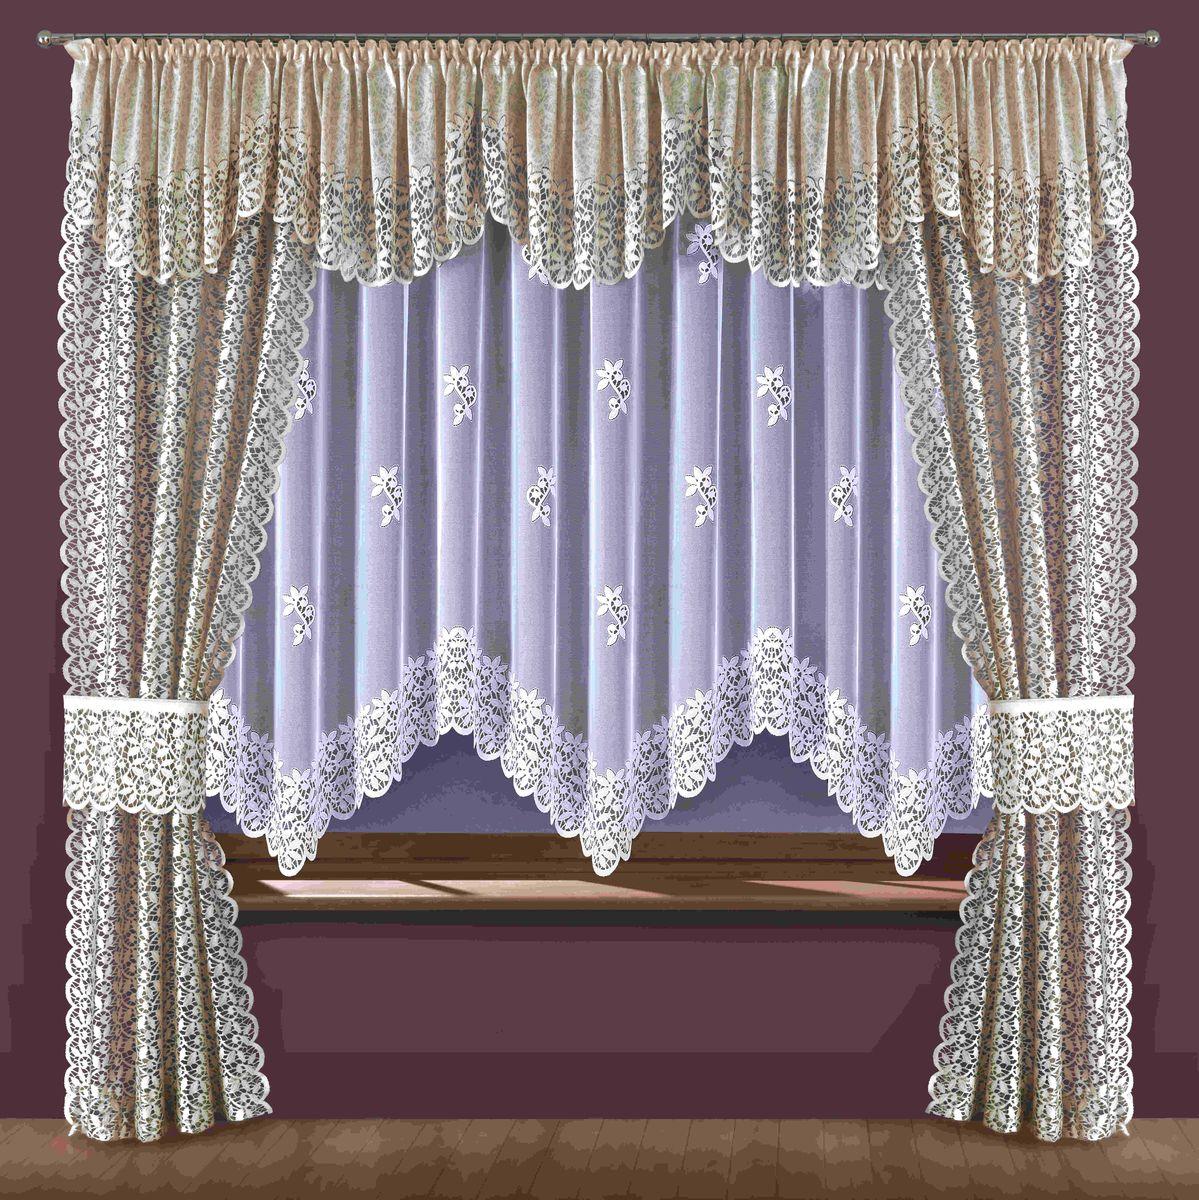 Комплект штор для кухни Wisan Ewodia, на ленте, цвет: белый, бежевый, высота 250 смSVC-300Комплект штор Wisan Ewodia, выполненный из полиэстера, великолепно украсит кухонное окно. Тонкое плетение, оригинальный дизайн привлекут к себе внимание и органично впишутся в интерьер. В комплект входят 2 шторы, тюль, ламбрекен и 2 подхвата. Кружевной узор придает комплекту особый стиль и шарм. Тонкое плетение, нежная цветовая гамма и роскошное исполнение - все это делает шторы Wisan Ewodia замечательным дополнением интерьера помещения. Шторы оснащены шторной лентой для красивой сборки. В комплект входит: Штора - 2 шт. Размер (ШхВ): 120 см х 250 см. Тюль - 1 шт. Размер (ШхВ): 360 см х 180 см. Ламбрекен - 1 шт. Размер (ШхВ): 500 см х 55 см. Подхват - 2 шт.Фирма Wisan на польском рынке существует уже более пятидесяти лет и является одной из лучших польских фабрик по производству штор и тканей. Ассортимент фирмы представлен готовыми комплектами штор для гостиной, детской, кухни, а также текстилем для кухни (скатерти, салфетки, дорожки, кухонные занавески). Модельный ряд отличает оригинальный дизайн, высокое качество. Ассортимент продукции постоянно пополняется.